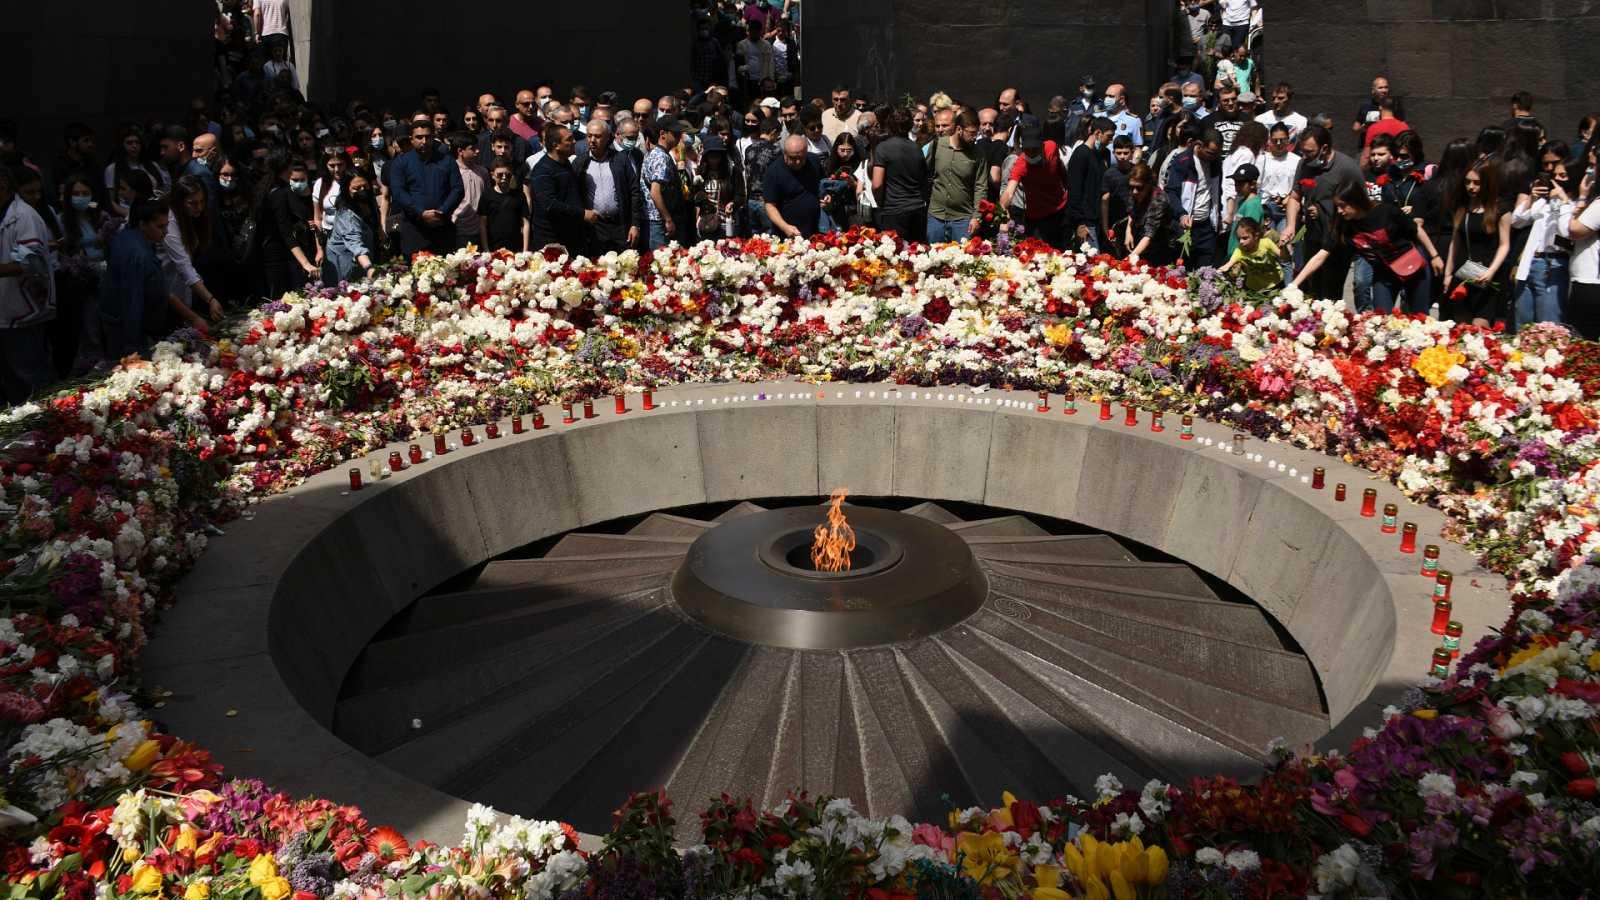 24 Horas Fin de Semana - Joe Biden reconoce el genocidio armenio en el 106 aniversario - Escuchar ahora